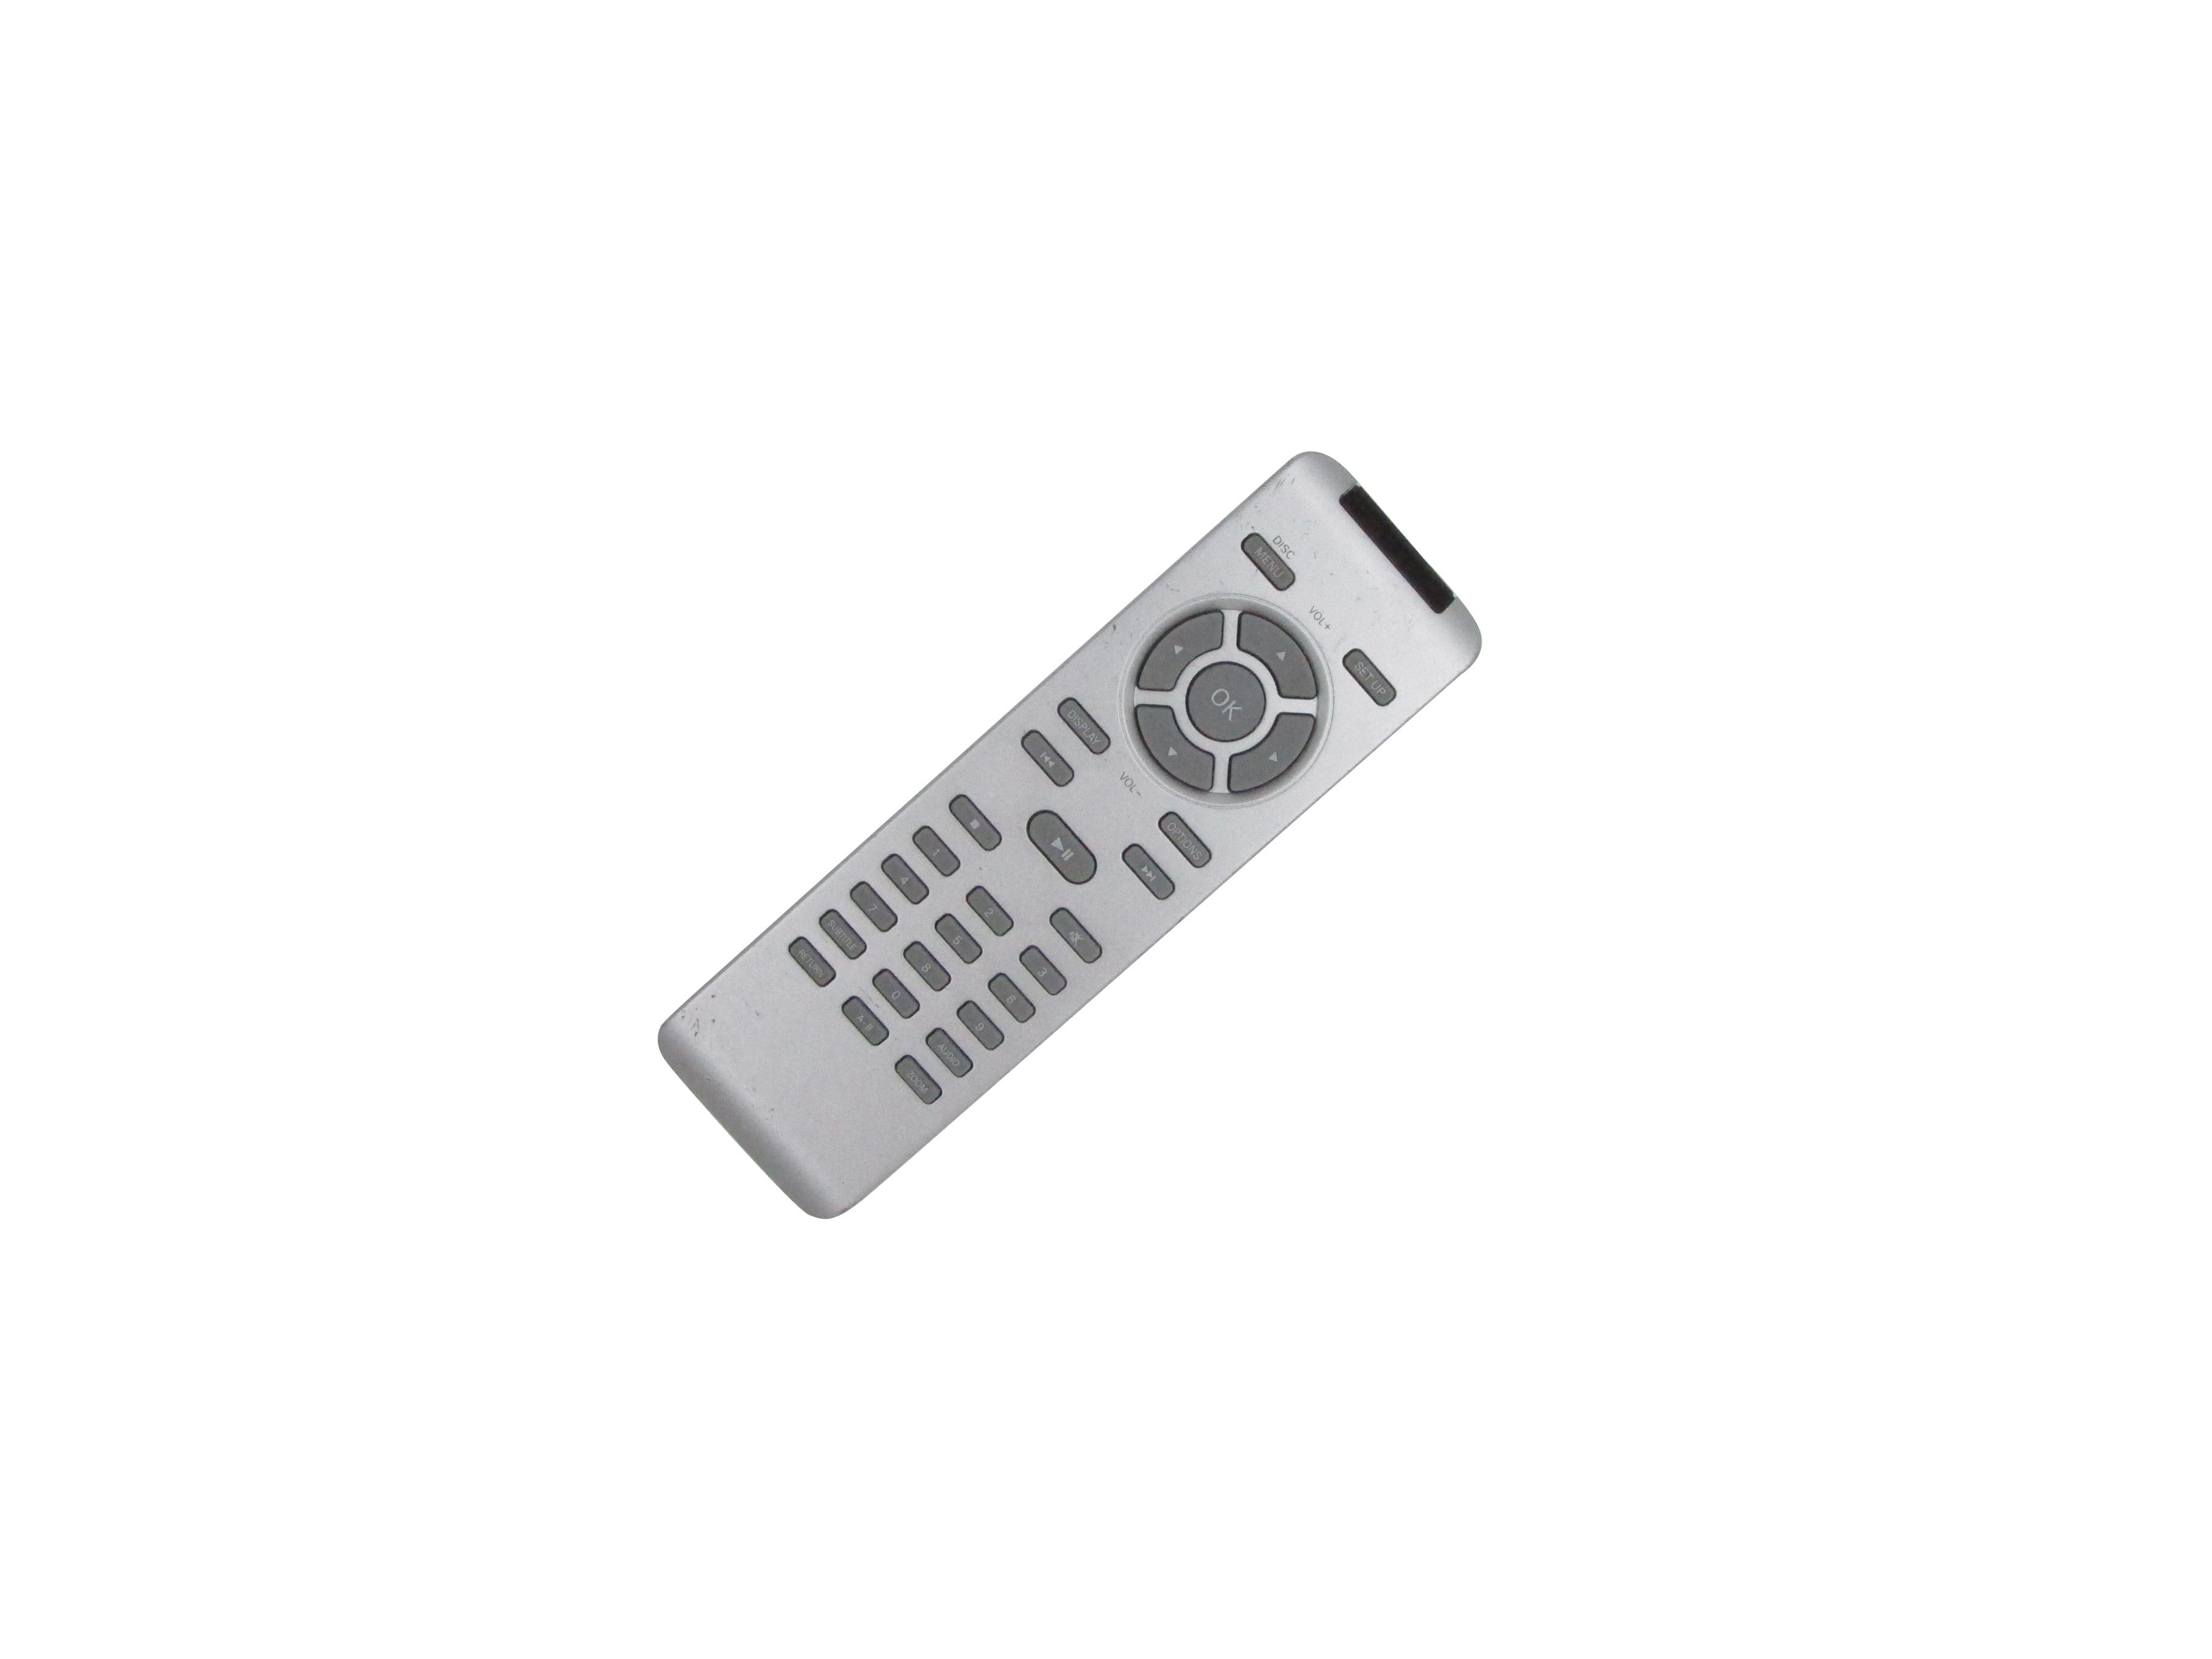 Remote Control For Philips PET1031/05 PET1031/12 PET2008/93 PET738 PET738/58PET704 PET704/05 Portable DVD Player